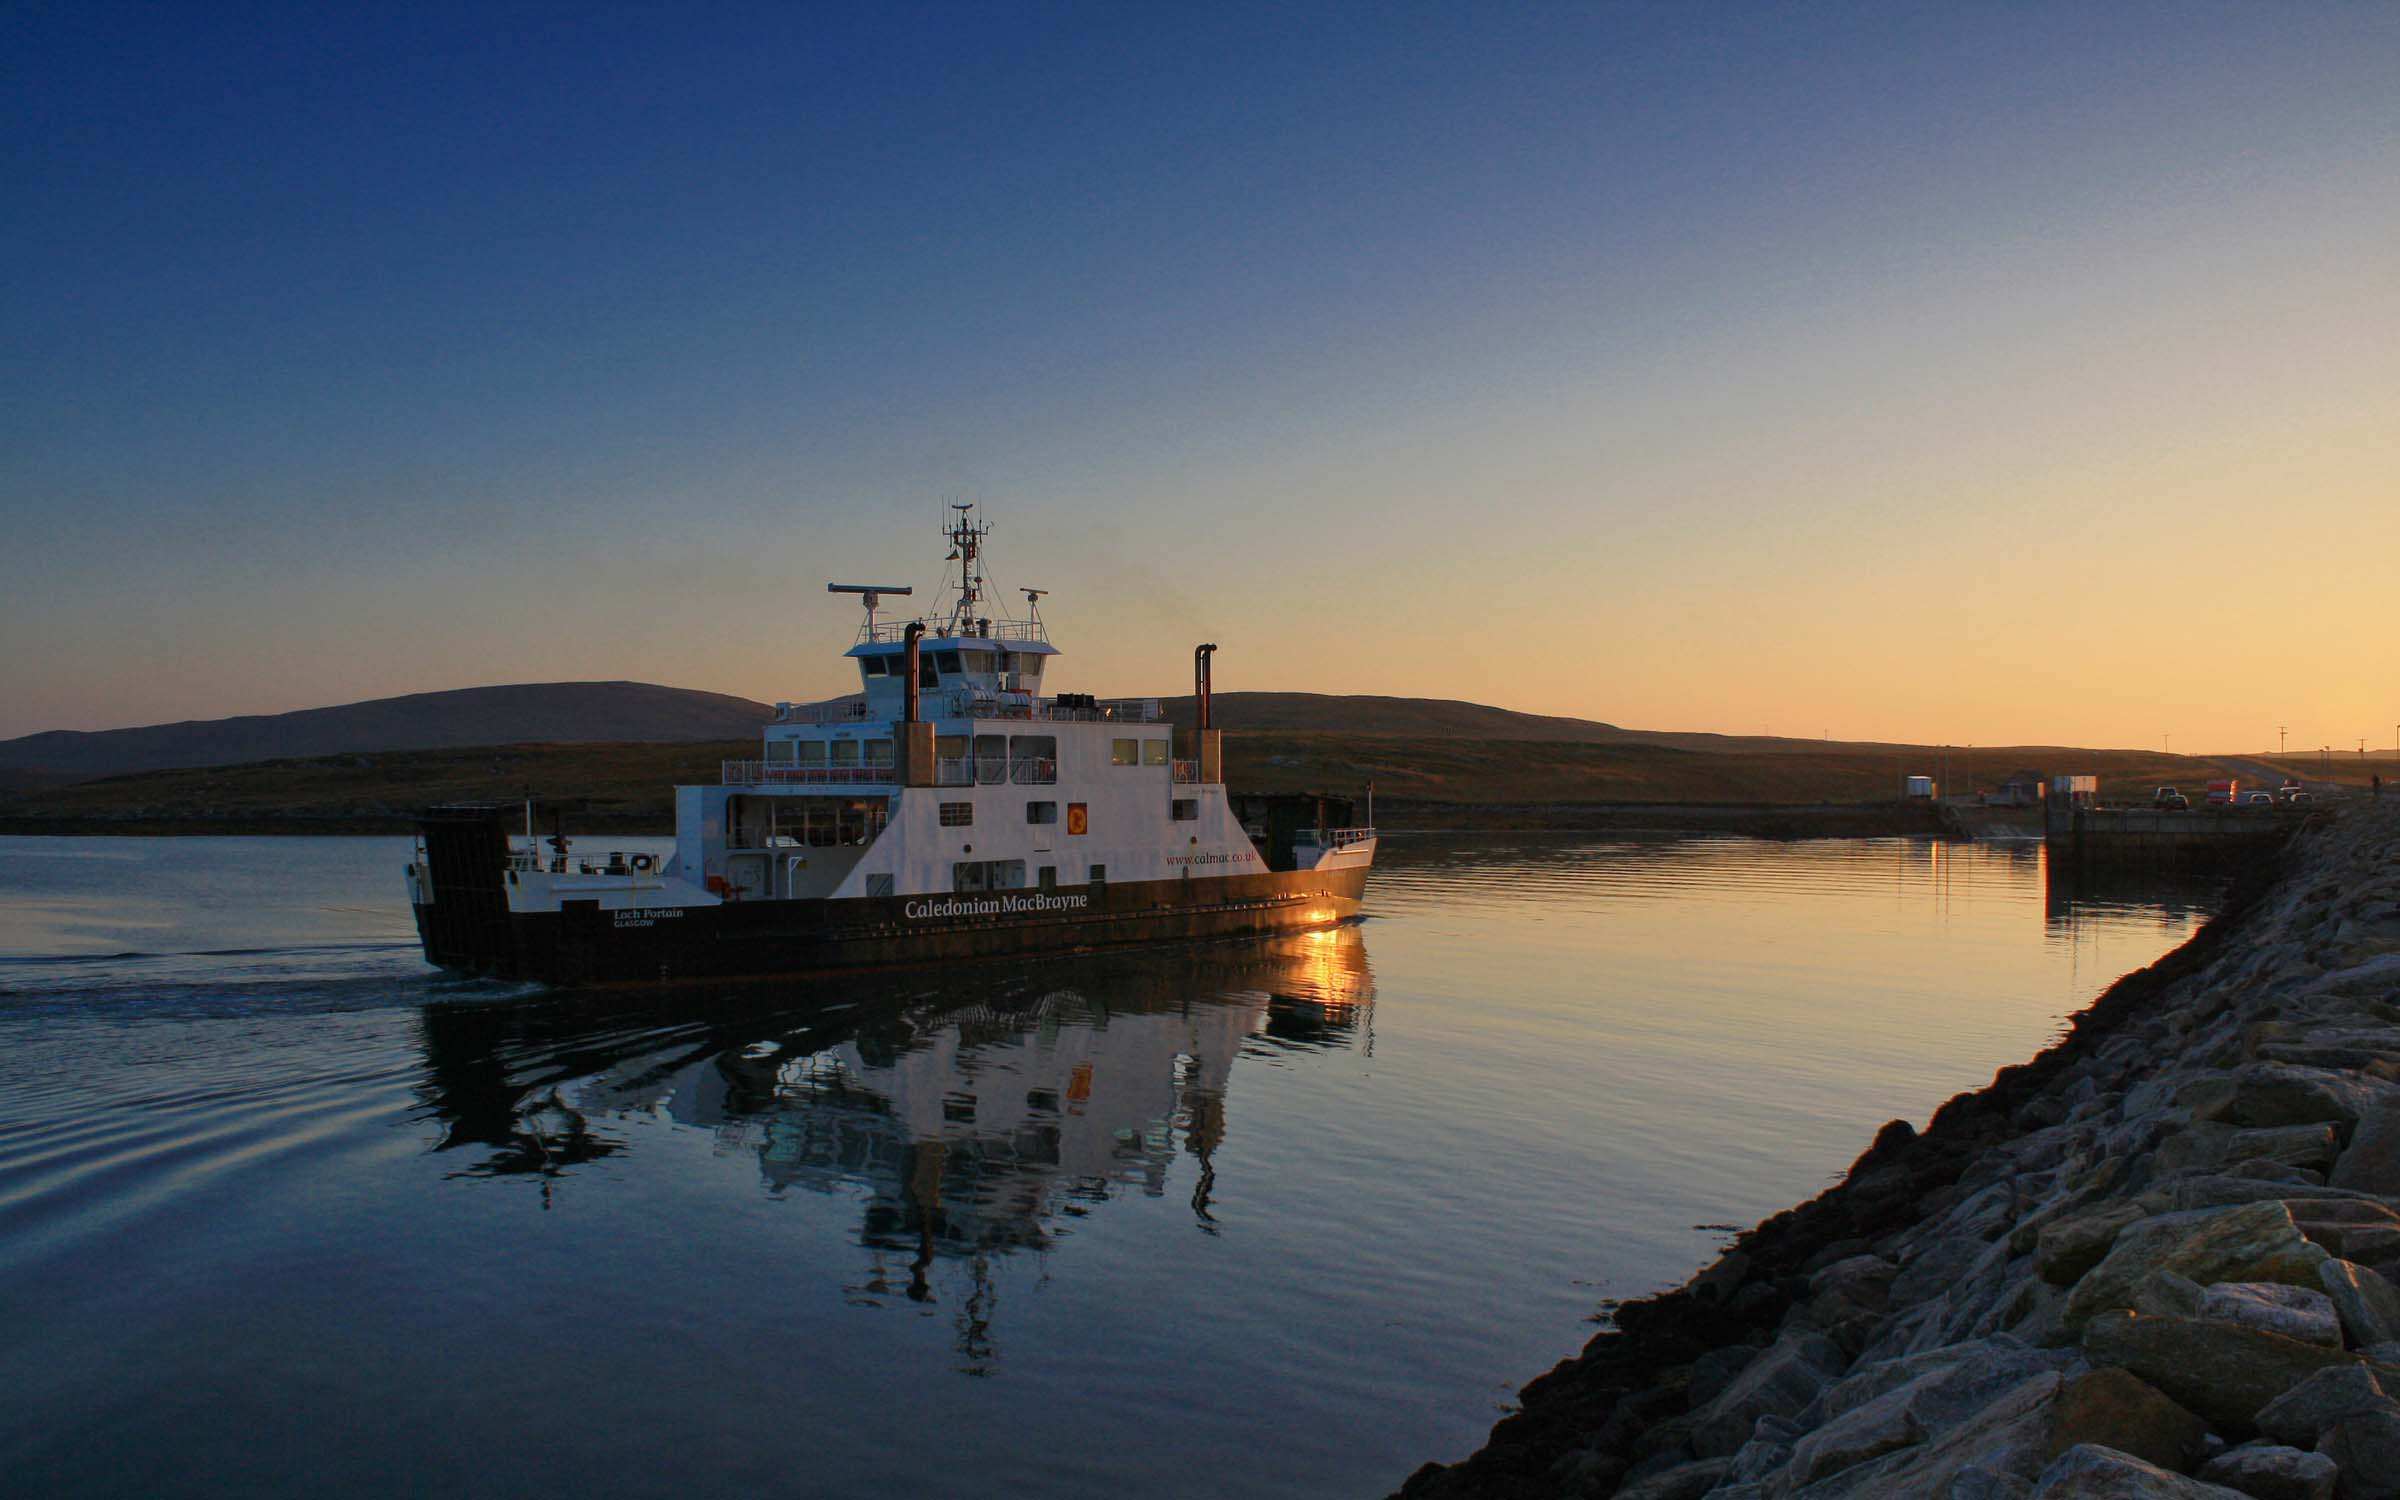 Loch Portain approaching Otternish (Ships of CalMac)